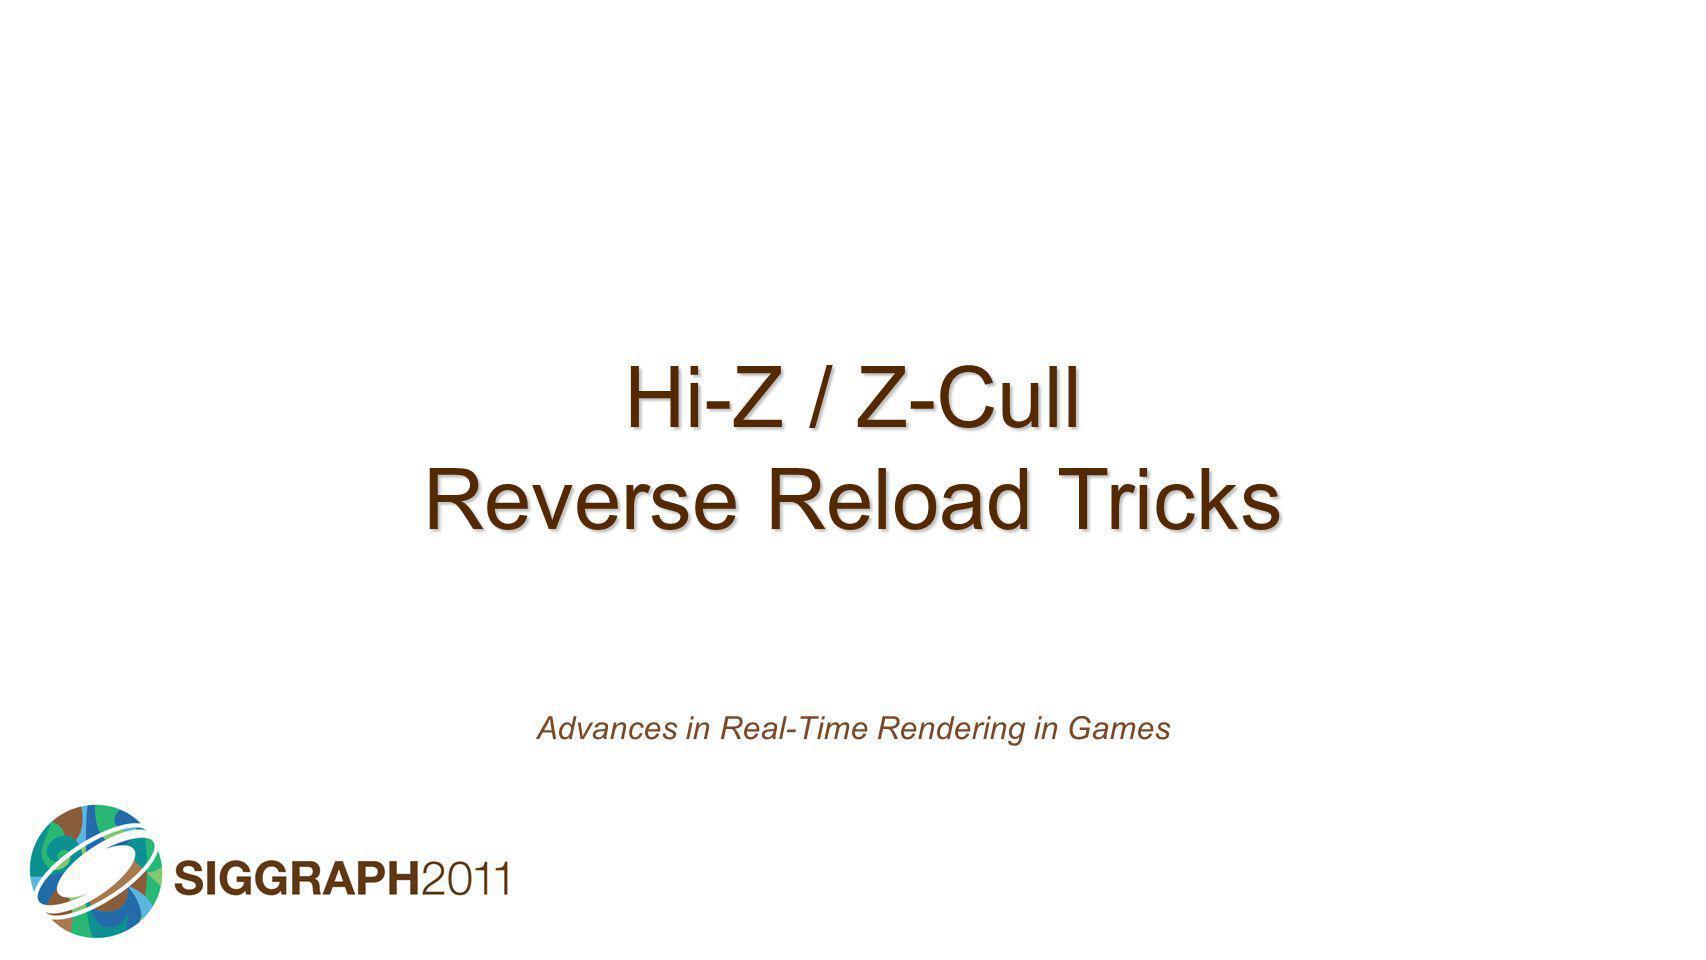 Hi-Z / Z-Cull Reverse Reload Tricks